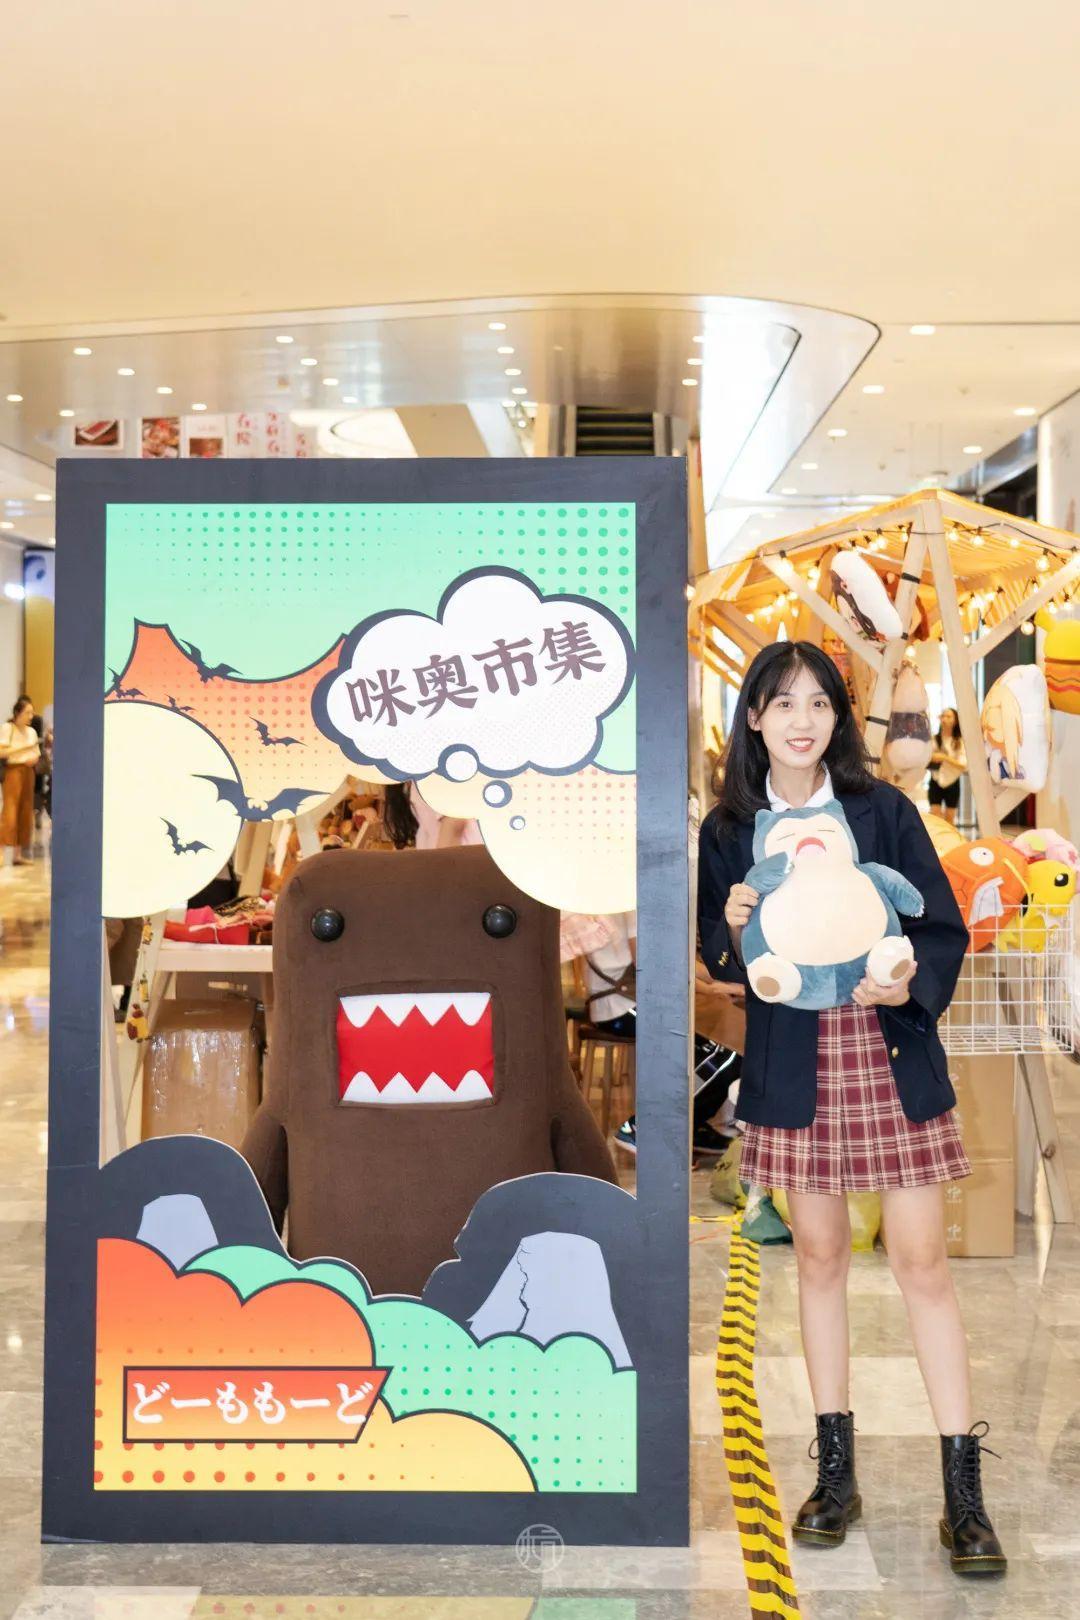 我的慵懒朋友ViViCat华东首展梦幻来袭!咪奥·潮玩集市趣味出摊!这个秋天,来福士陪你嗨!(图50)